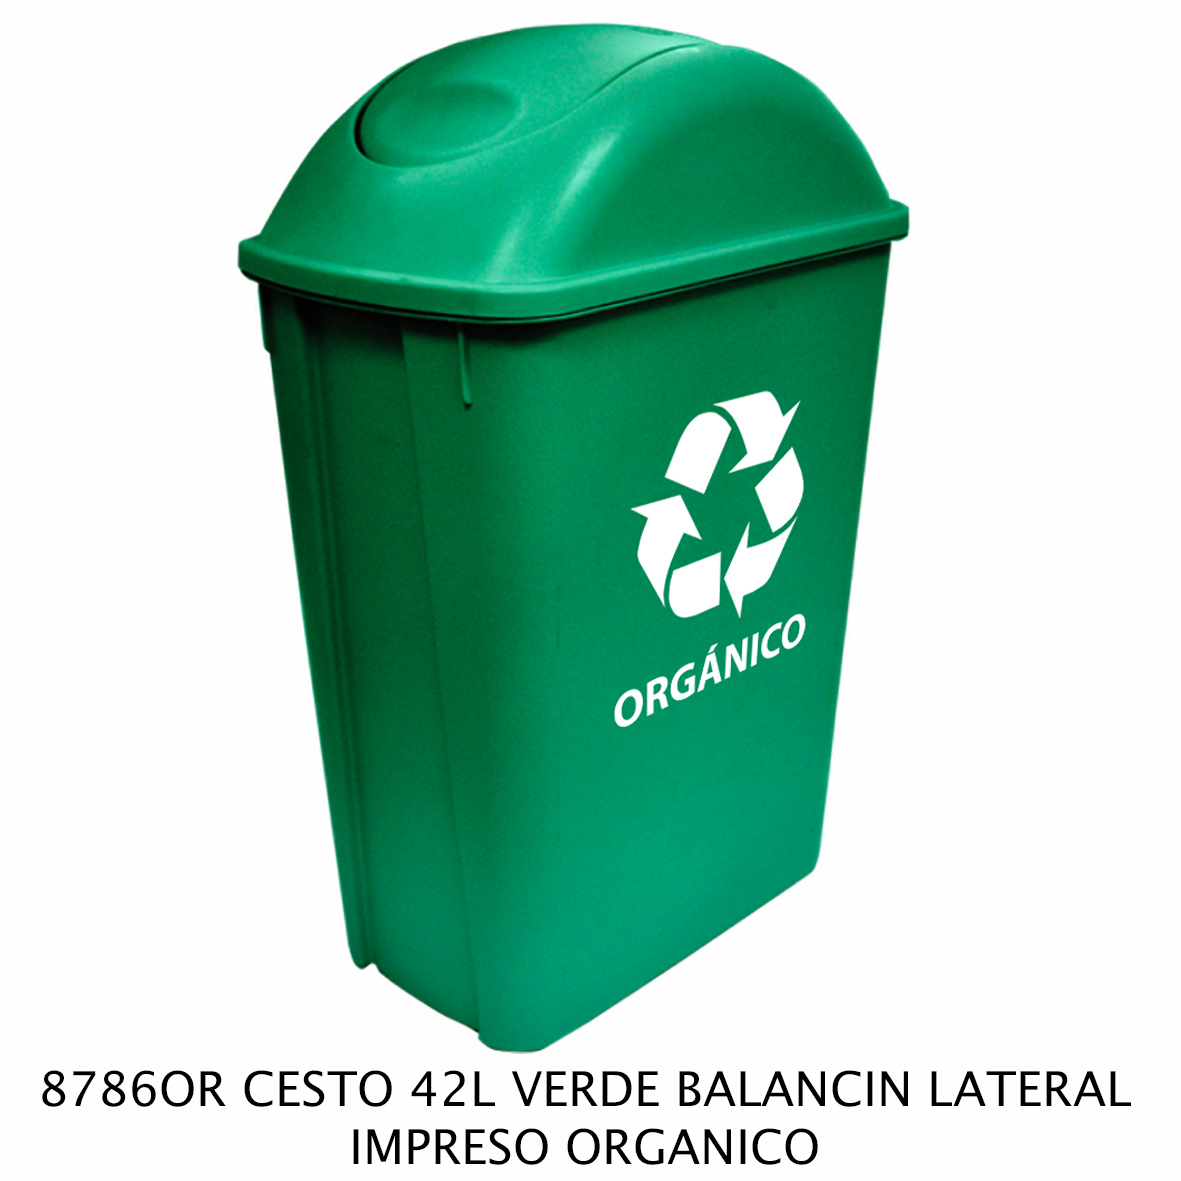 Bote de basura mediano de 42 litros con balancín lateral color verde modelo 8786OR impreso orgánico de Sablón